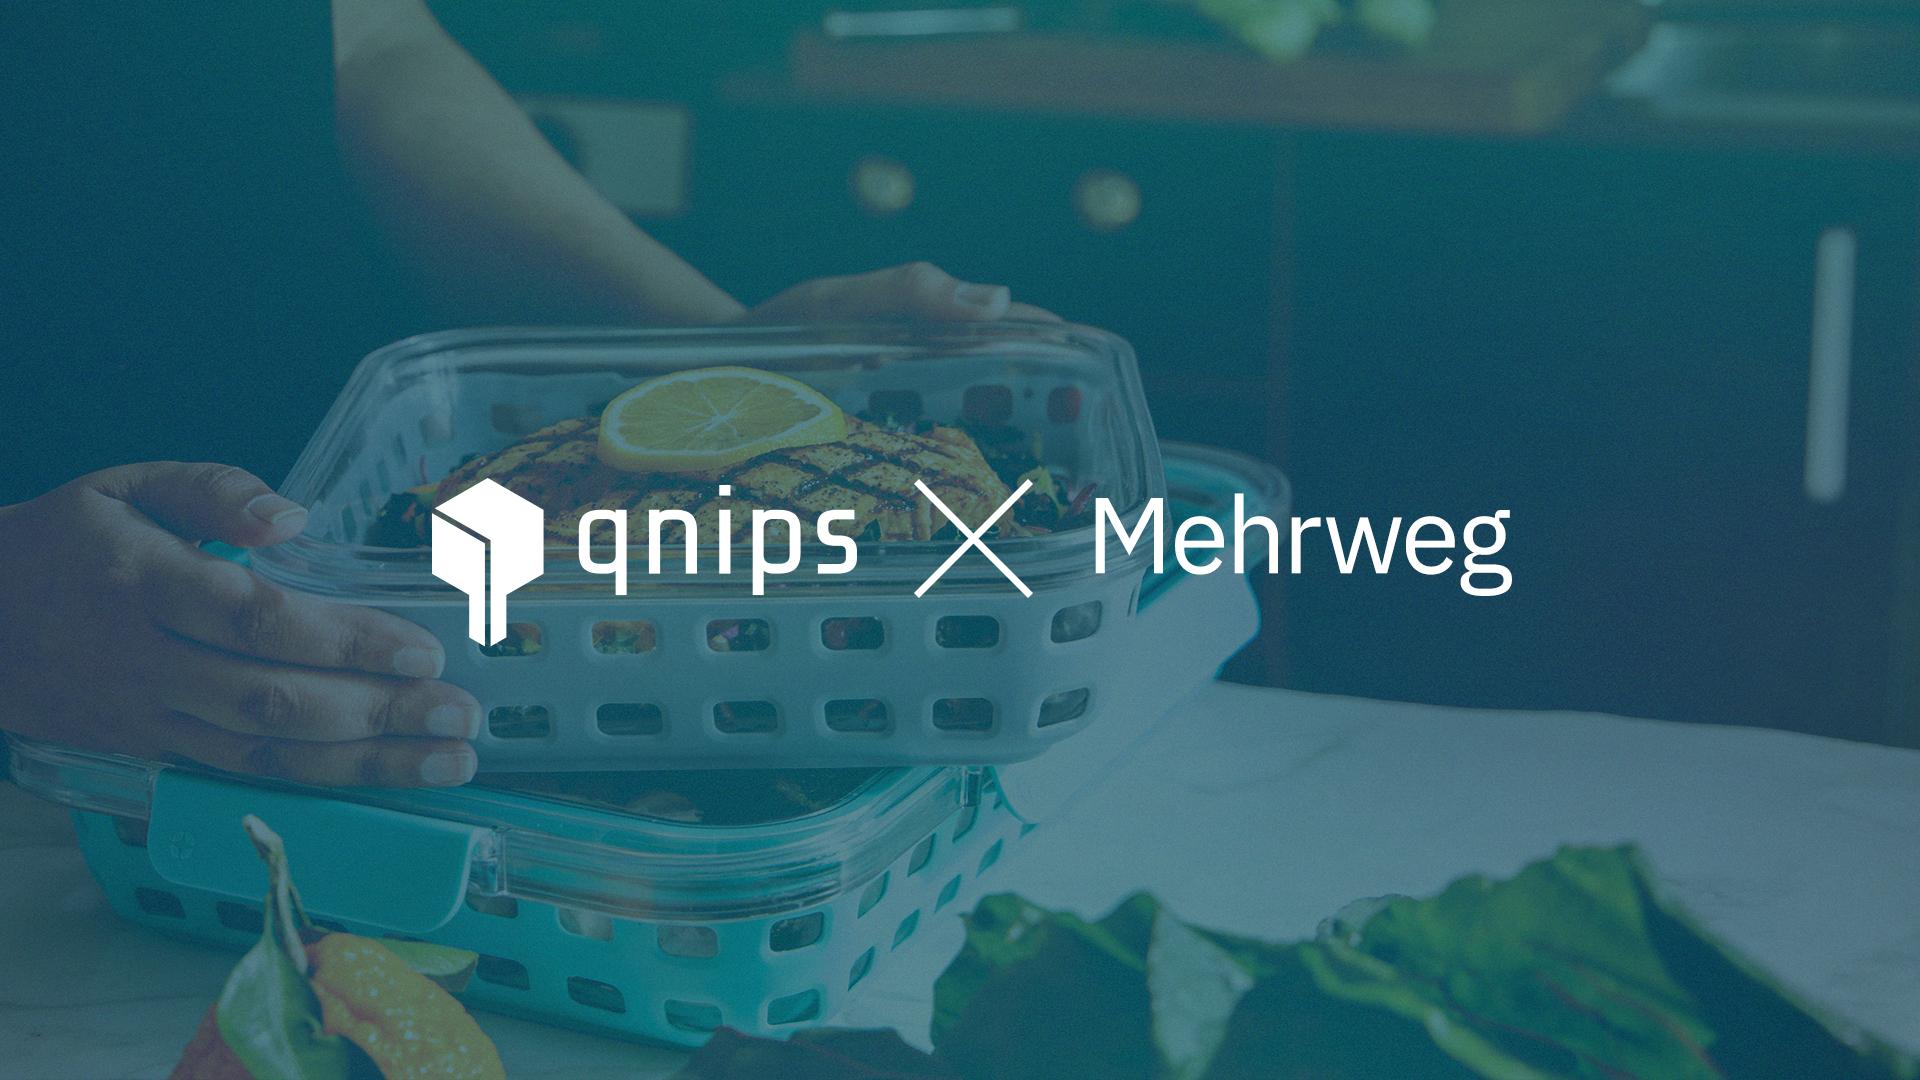 Die qnips Plattform bietet eine Integration für Mehrwegsysteme